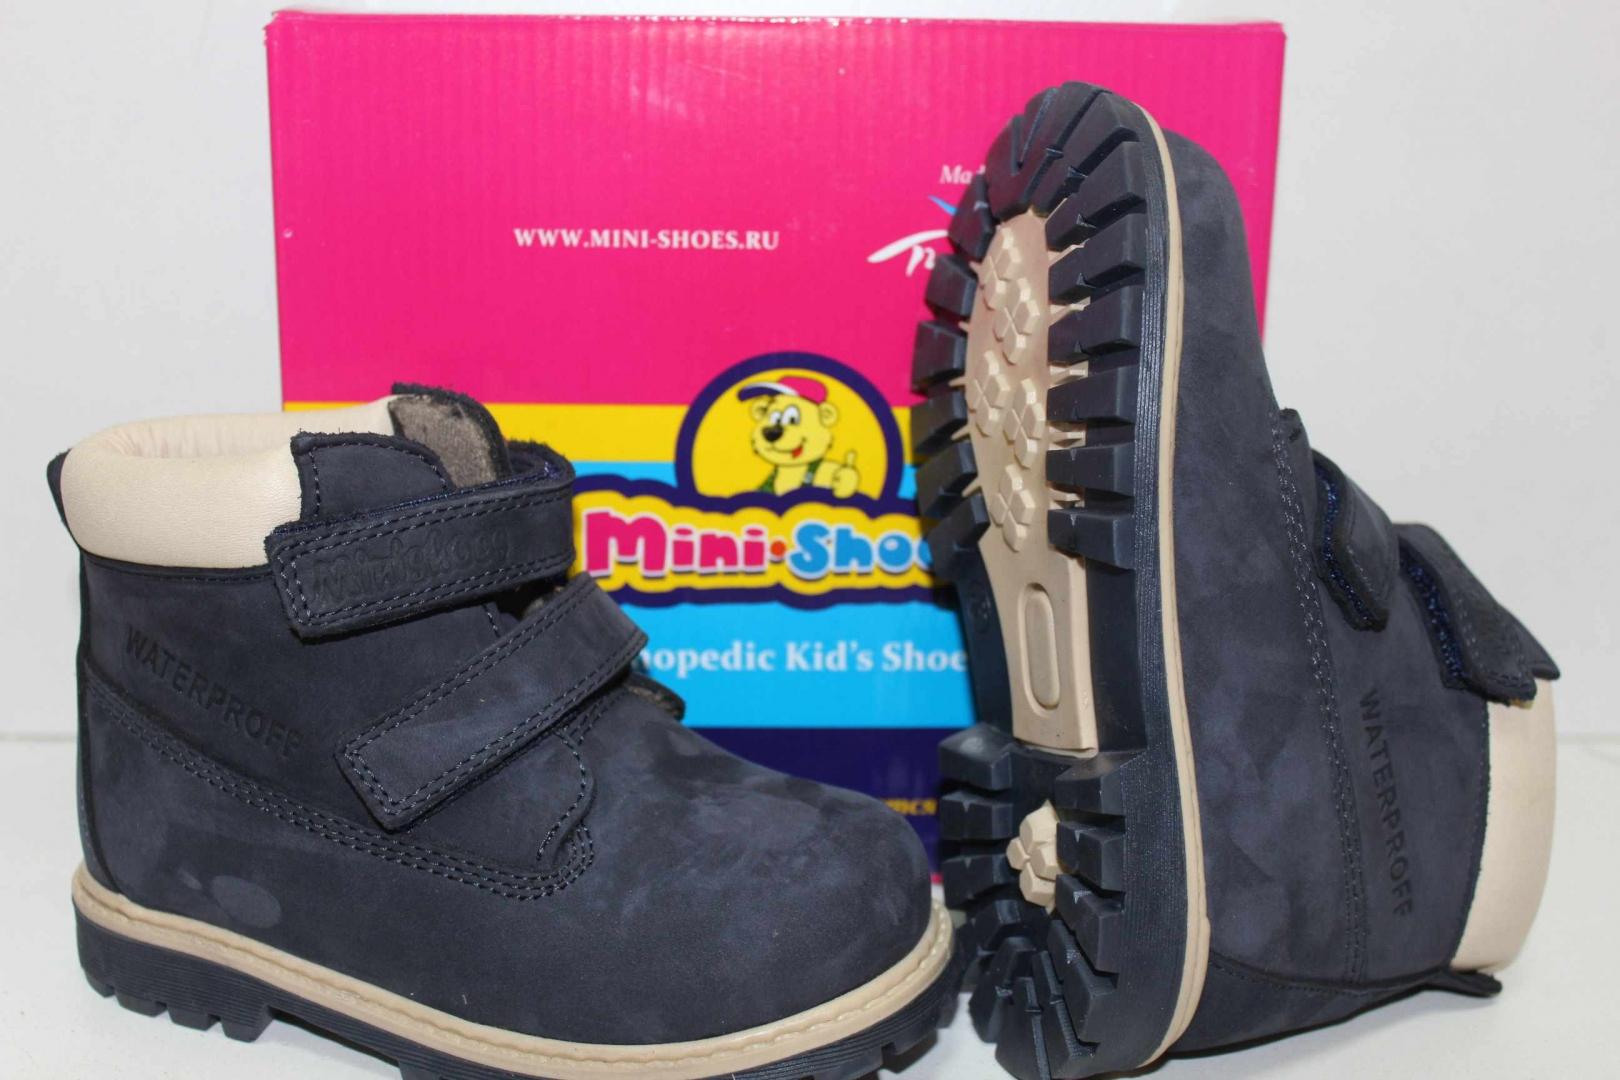 Планета одежда обувь уфа